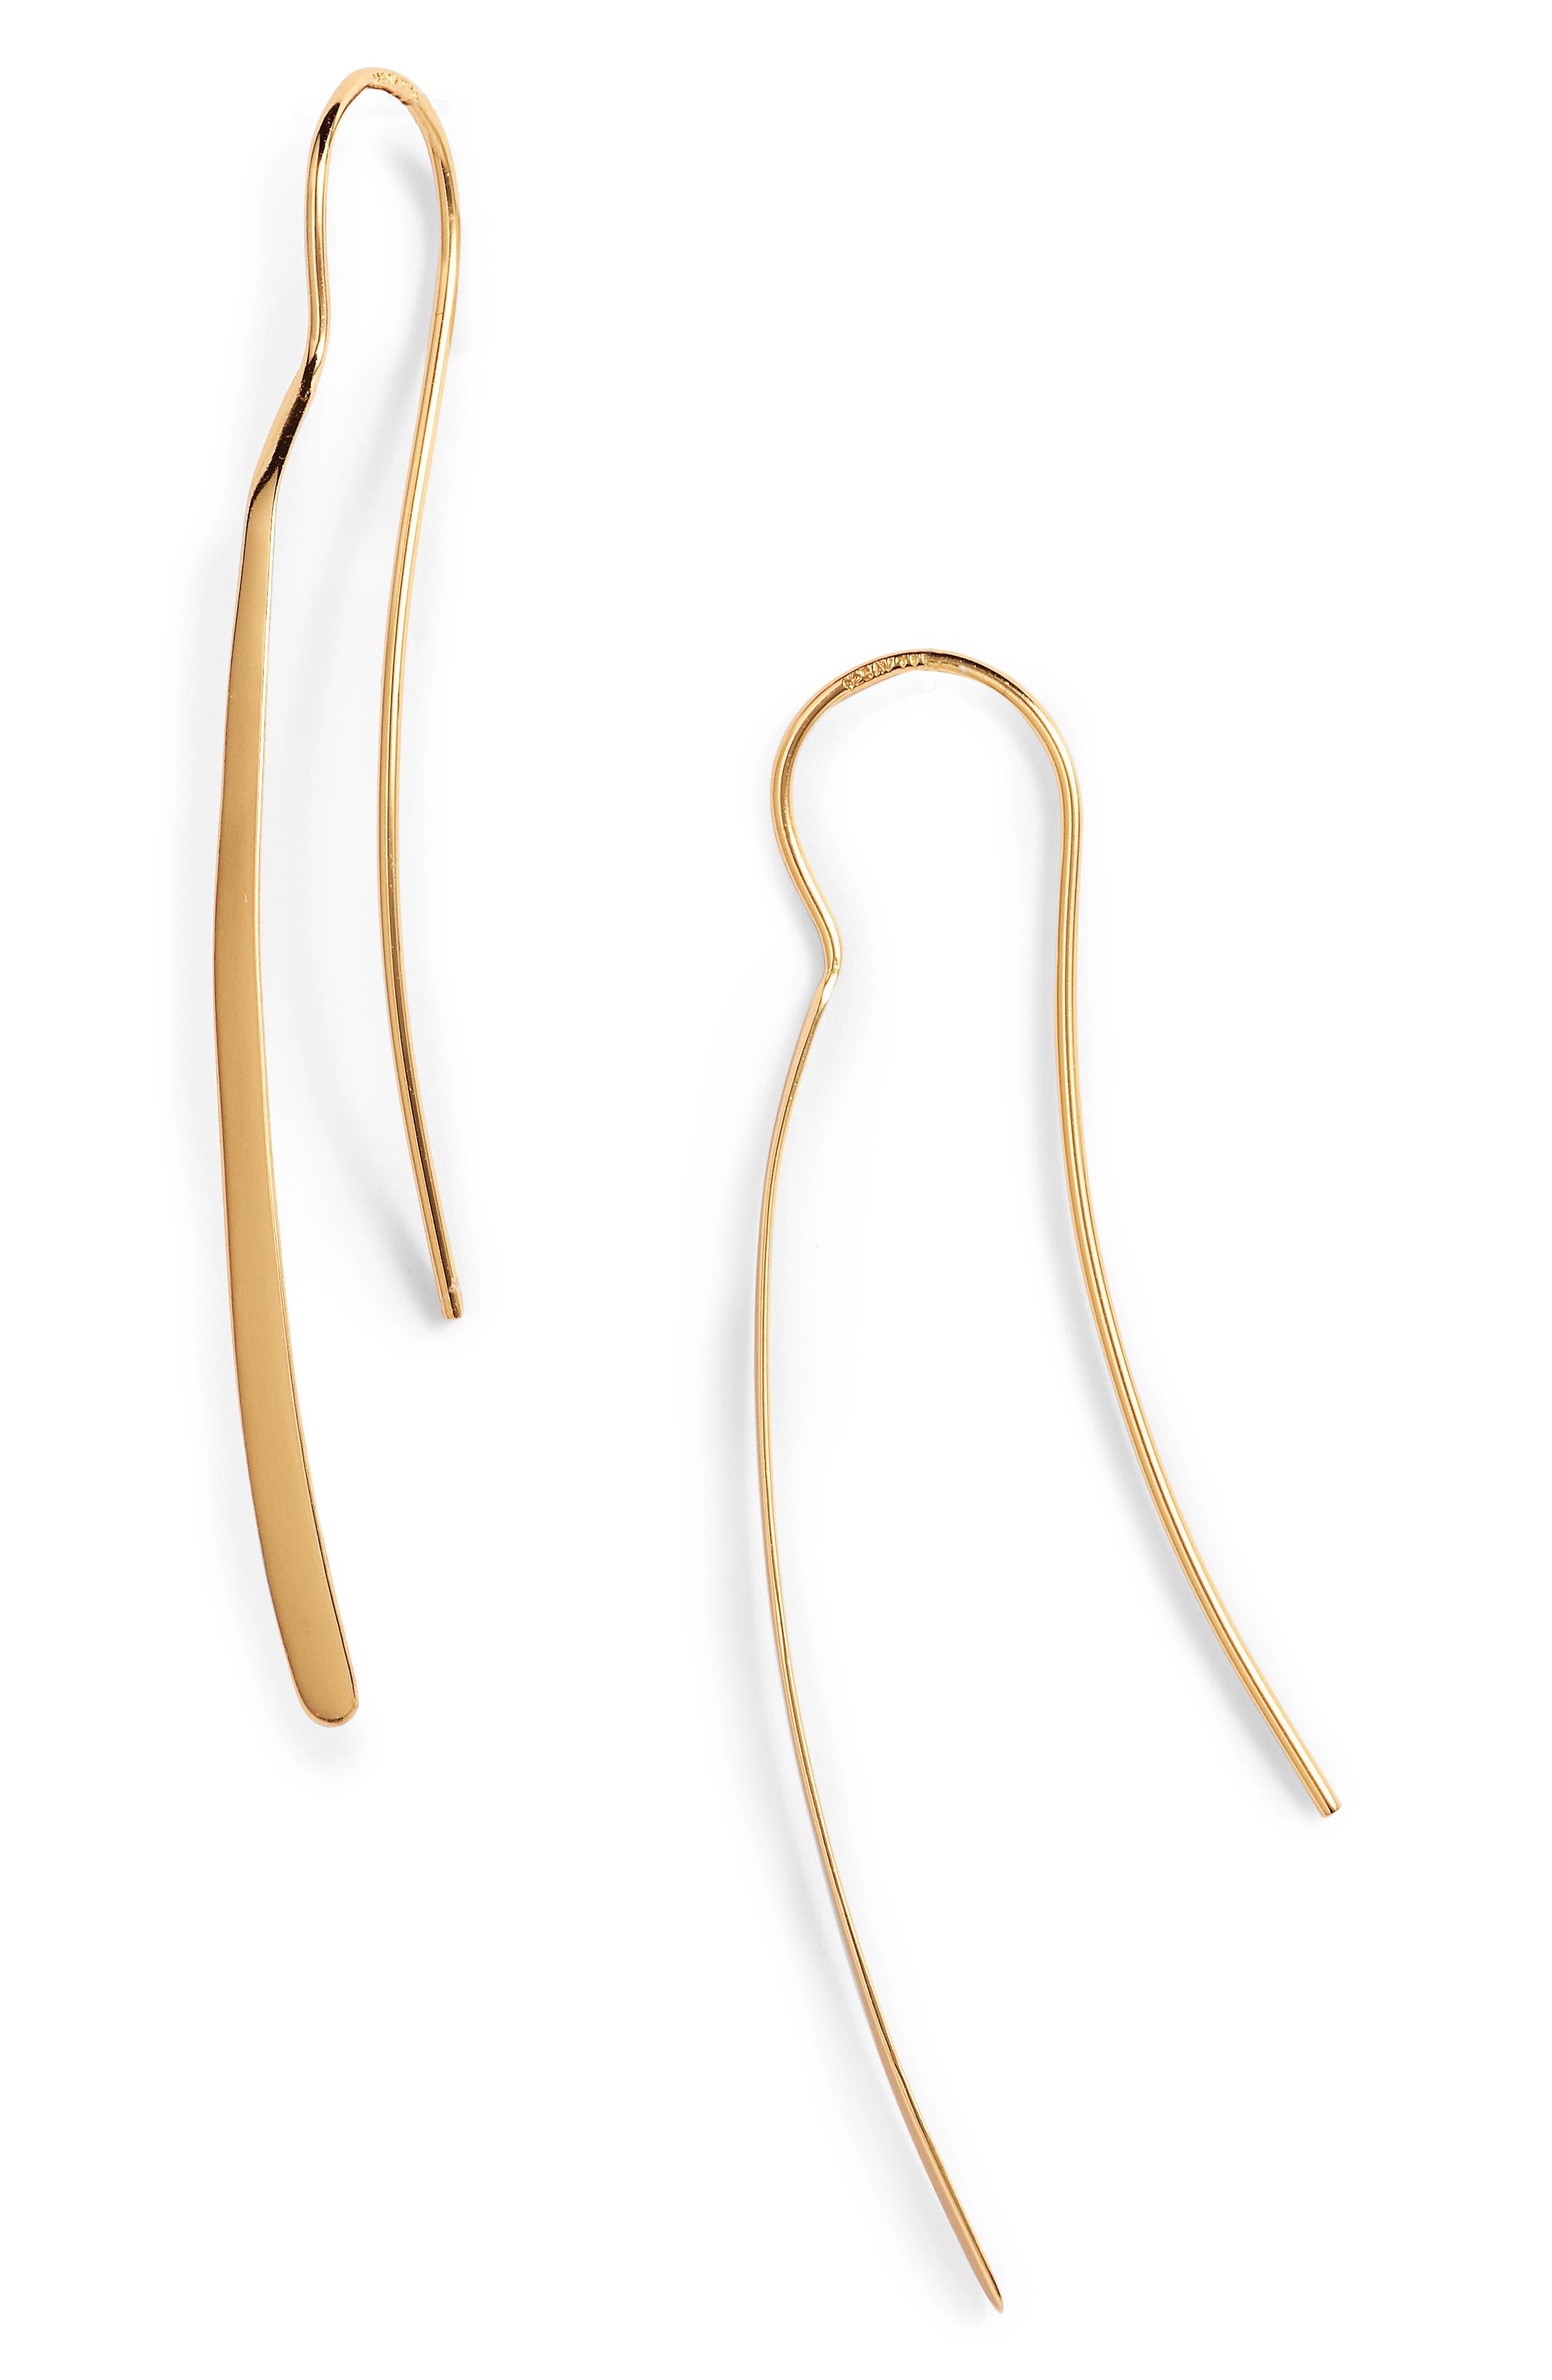 Argento Vivo Threader Earrings